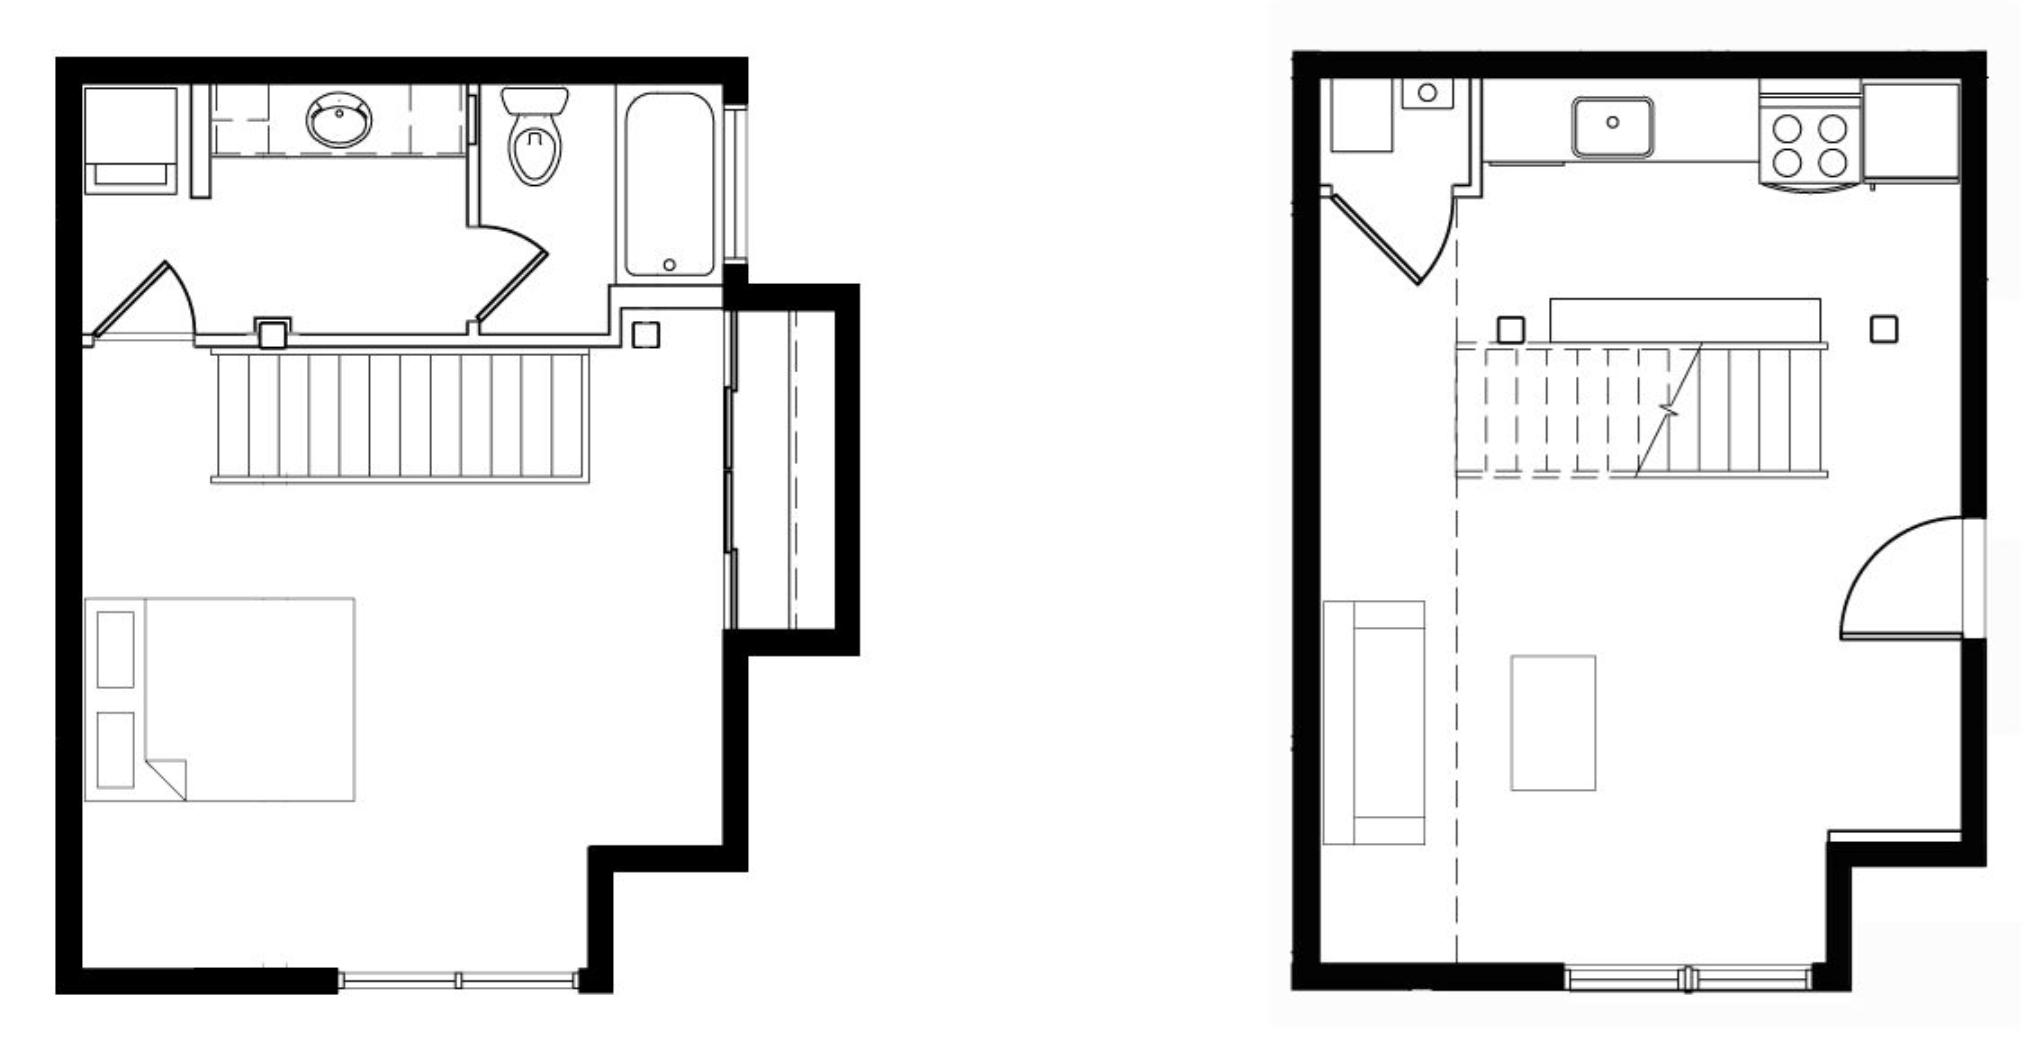 1 Bedroom / 1 Bath: Townhome Style Floor Plan 3